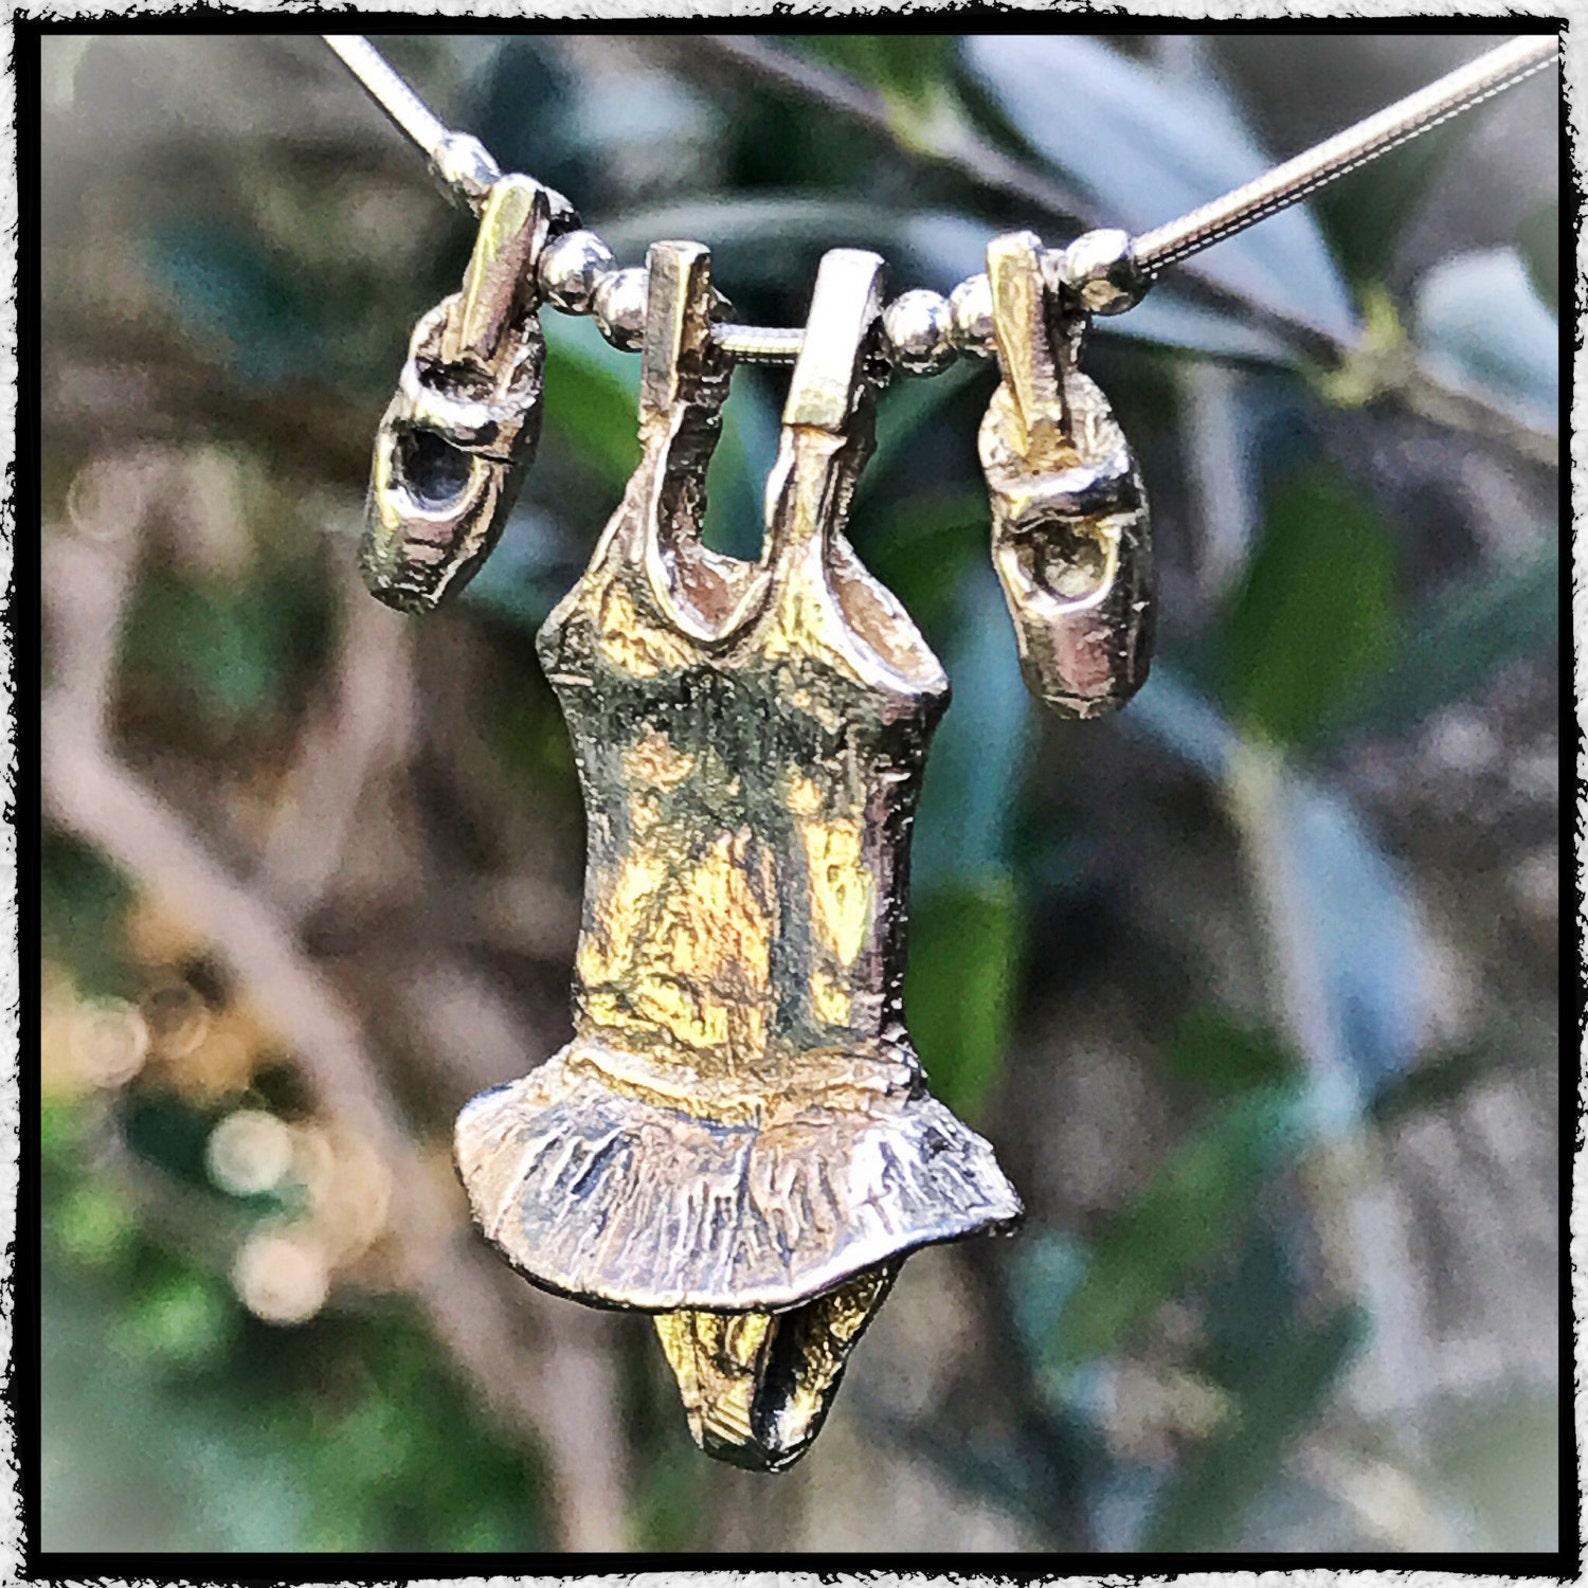 silver pendant dress ballerina ballet. necklace silver ballet ballerina clothing. silver ballerina clothes pendant. silver balle